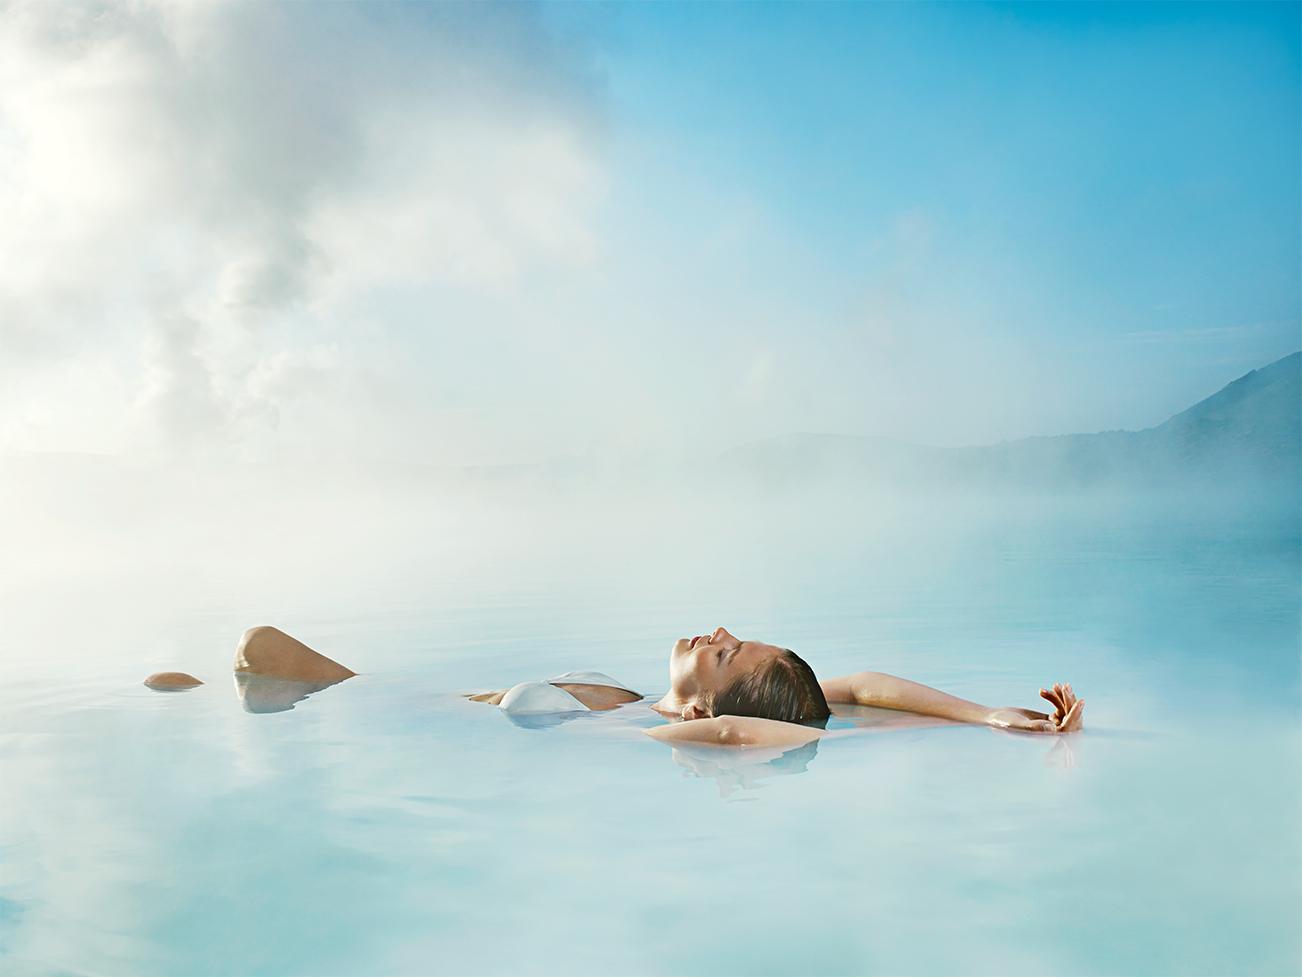 充满矿物质的蓝湖温泉会为您的冰岛自驾之旅画上完美的句号